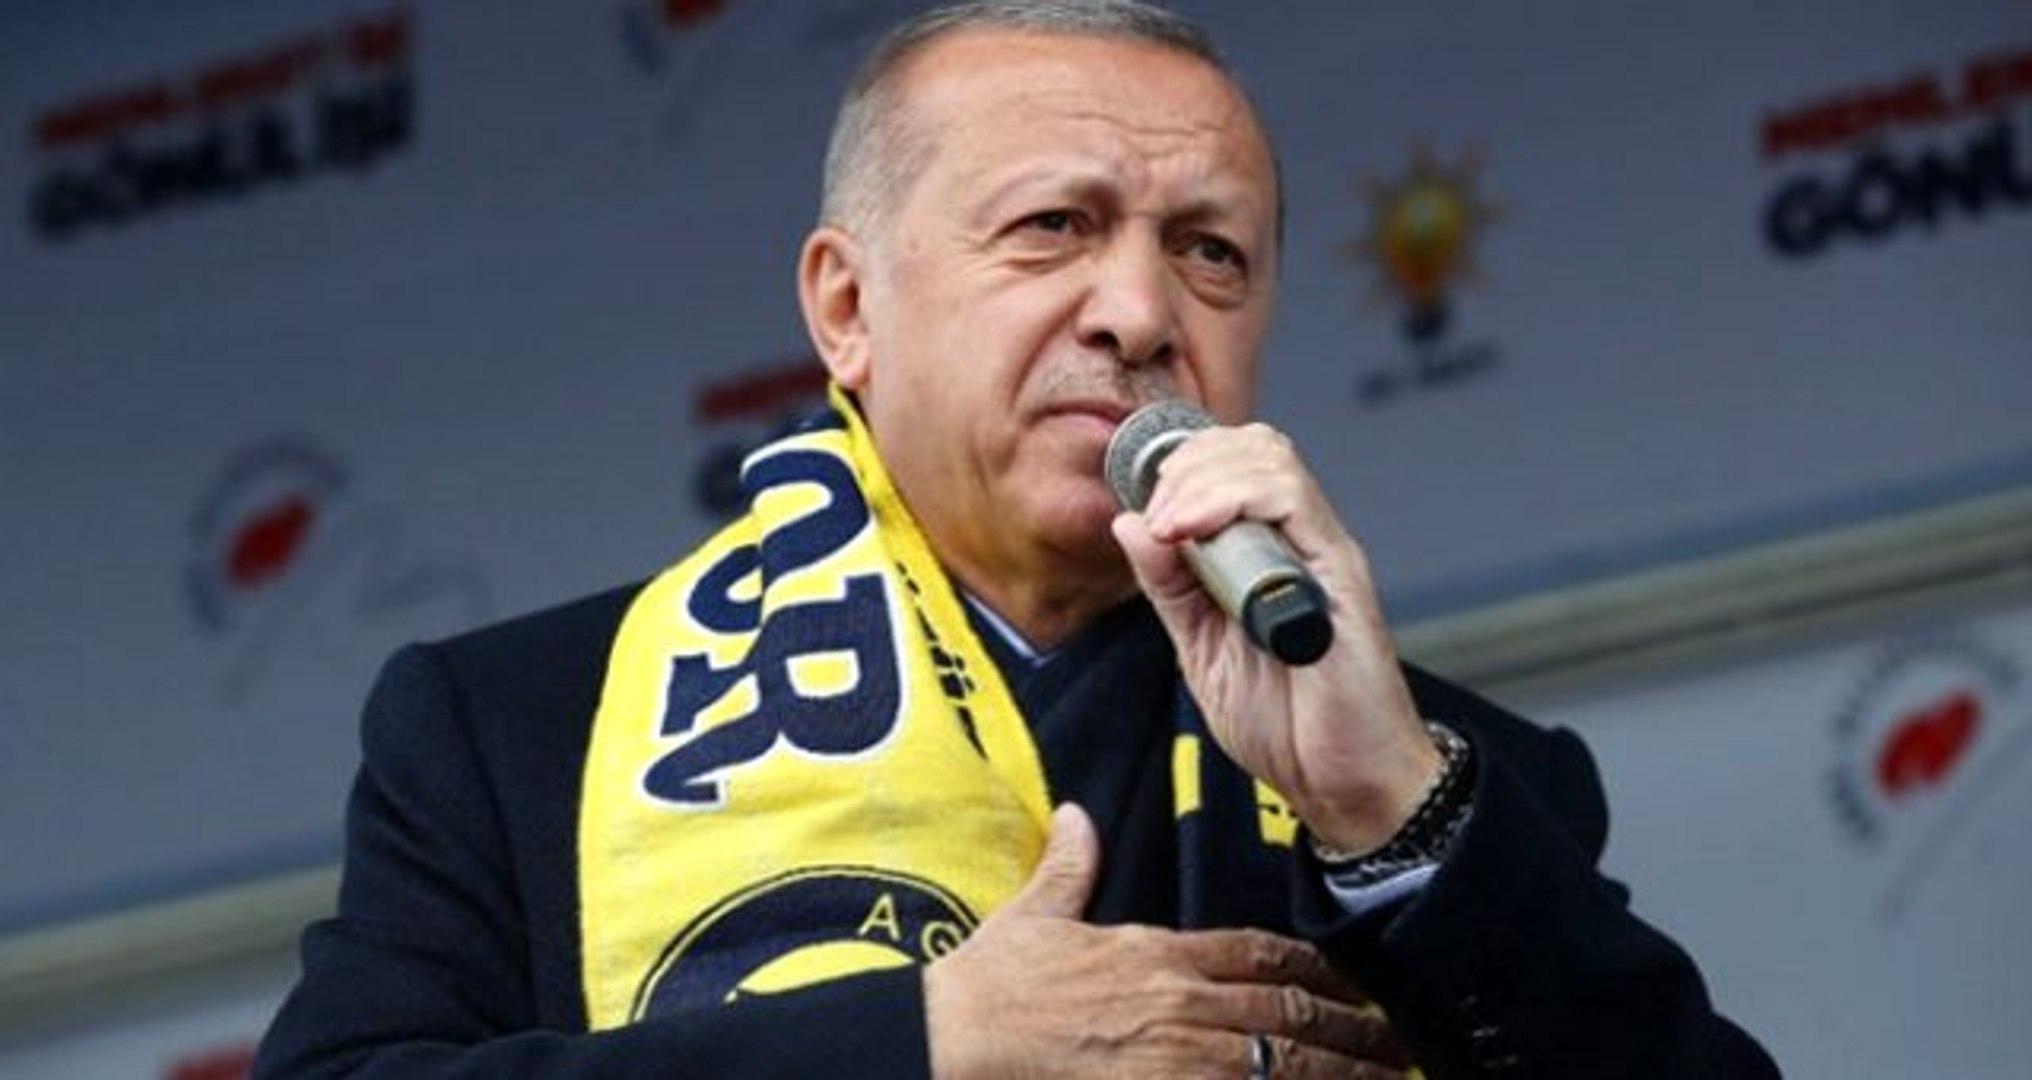 Cumhurbaşkanı Erdoğan'ın müjdelediği fabrikada sona gelindi